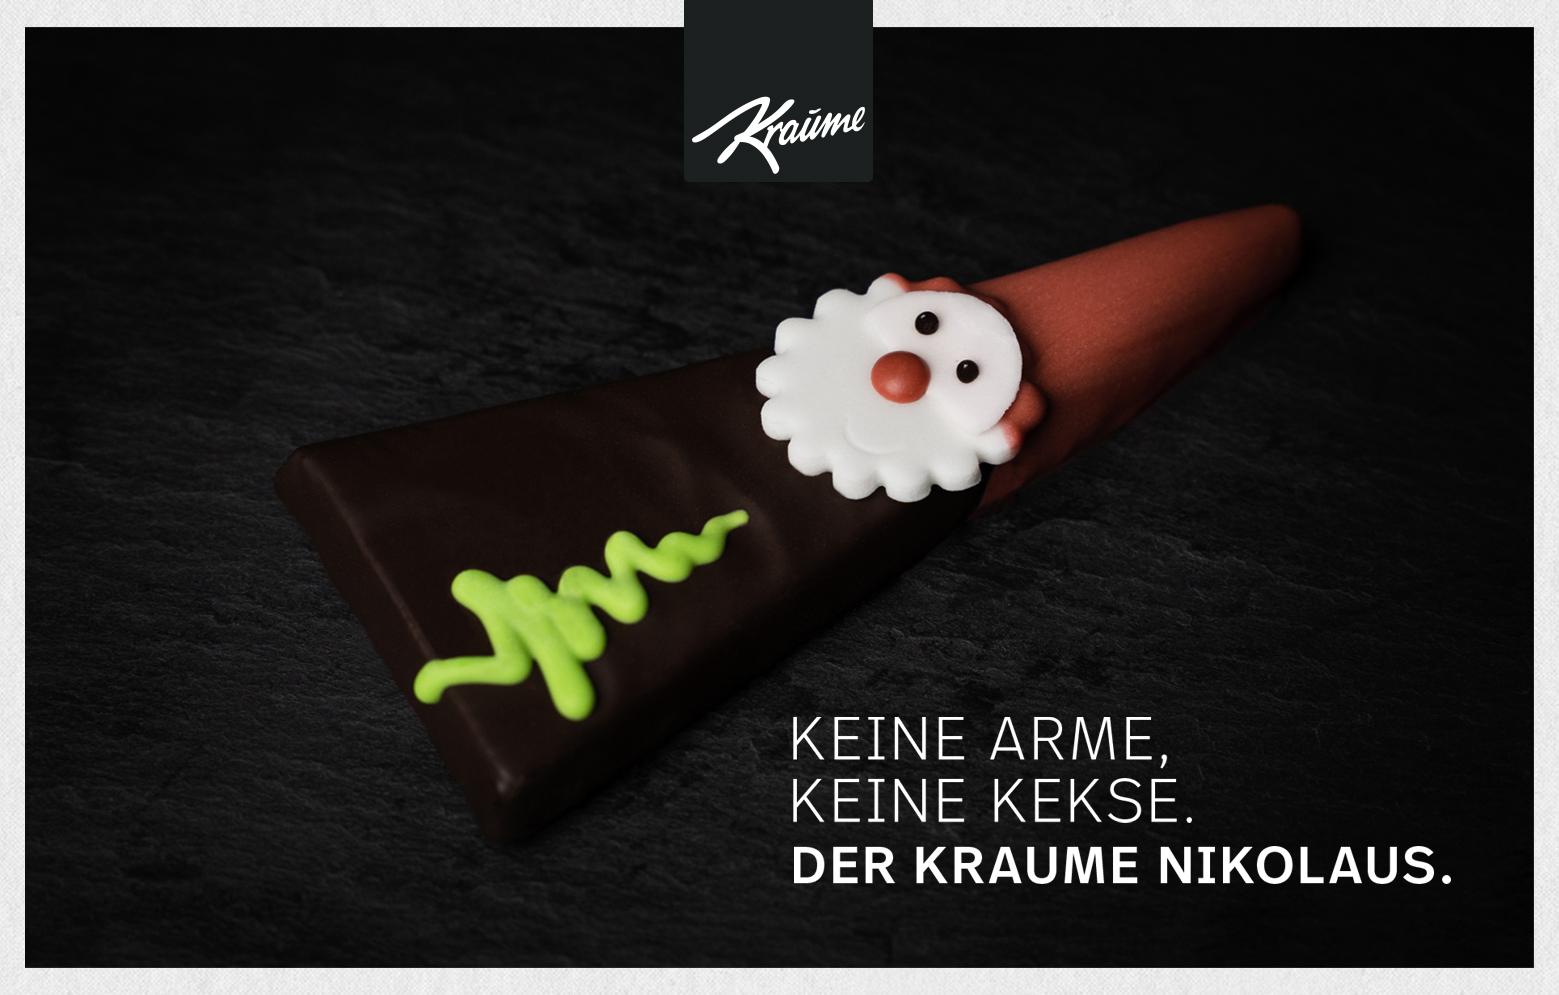 KRAUME Nikolaus Anzeigenmotiv